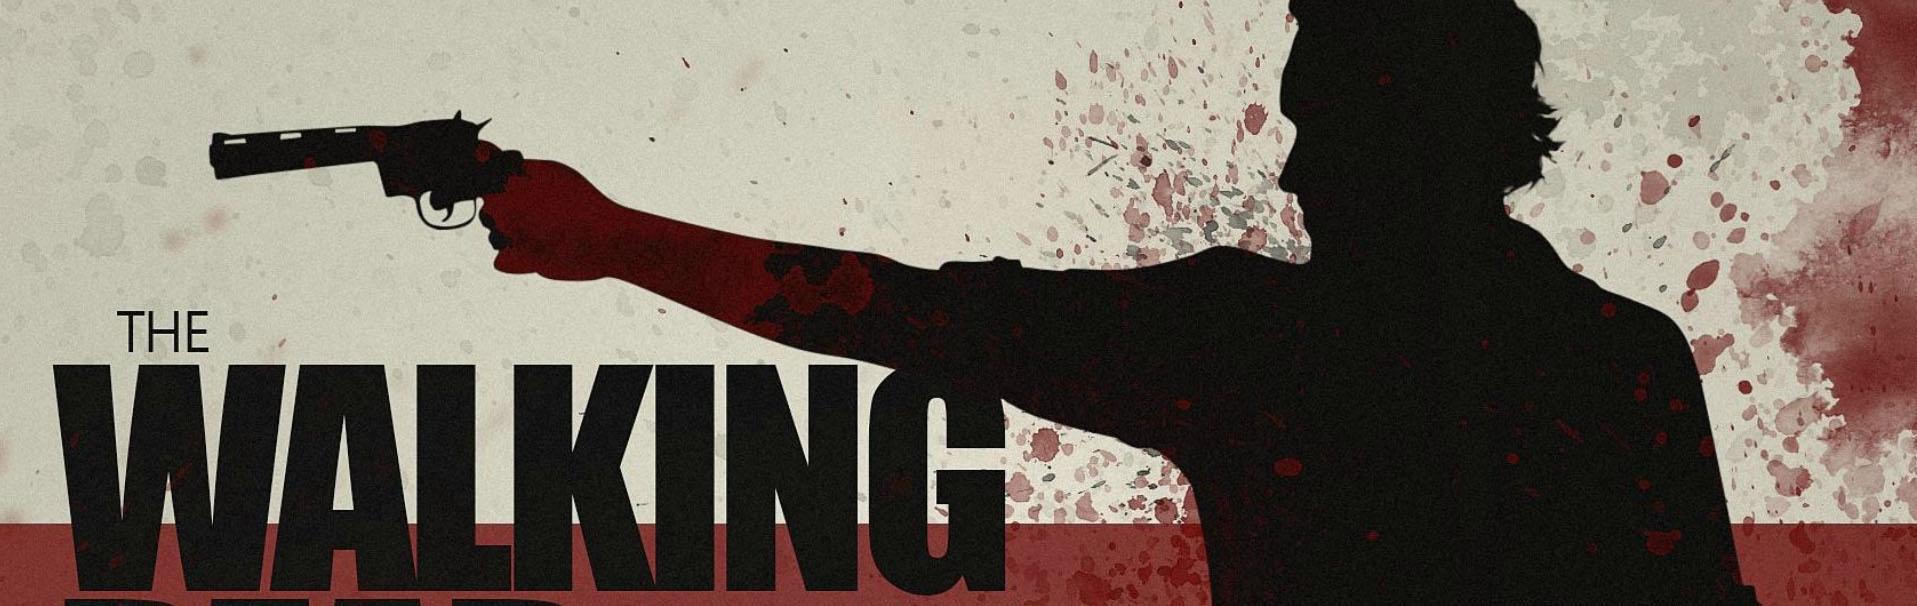 سريال زيباي The Walking Dead محصول سال 2010 آمريکا